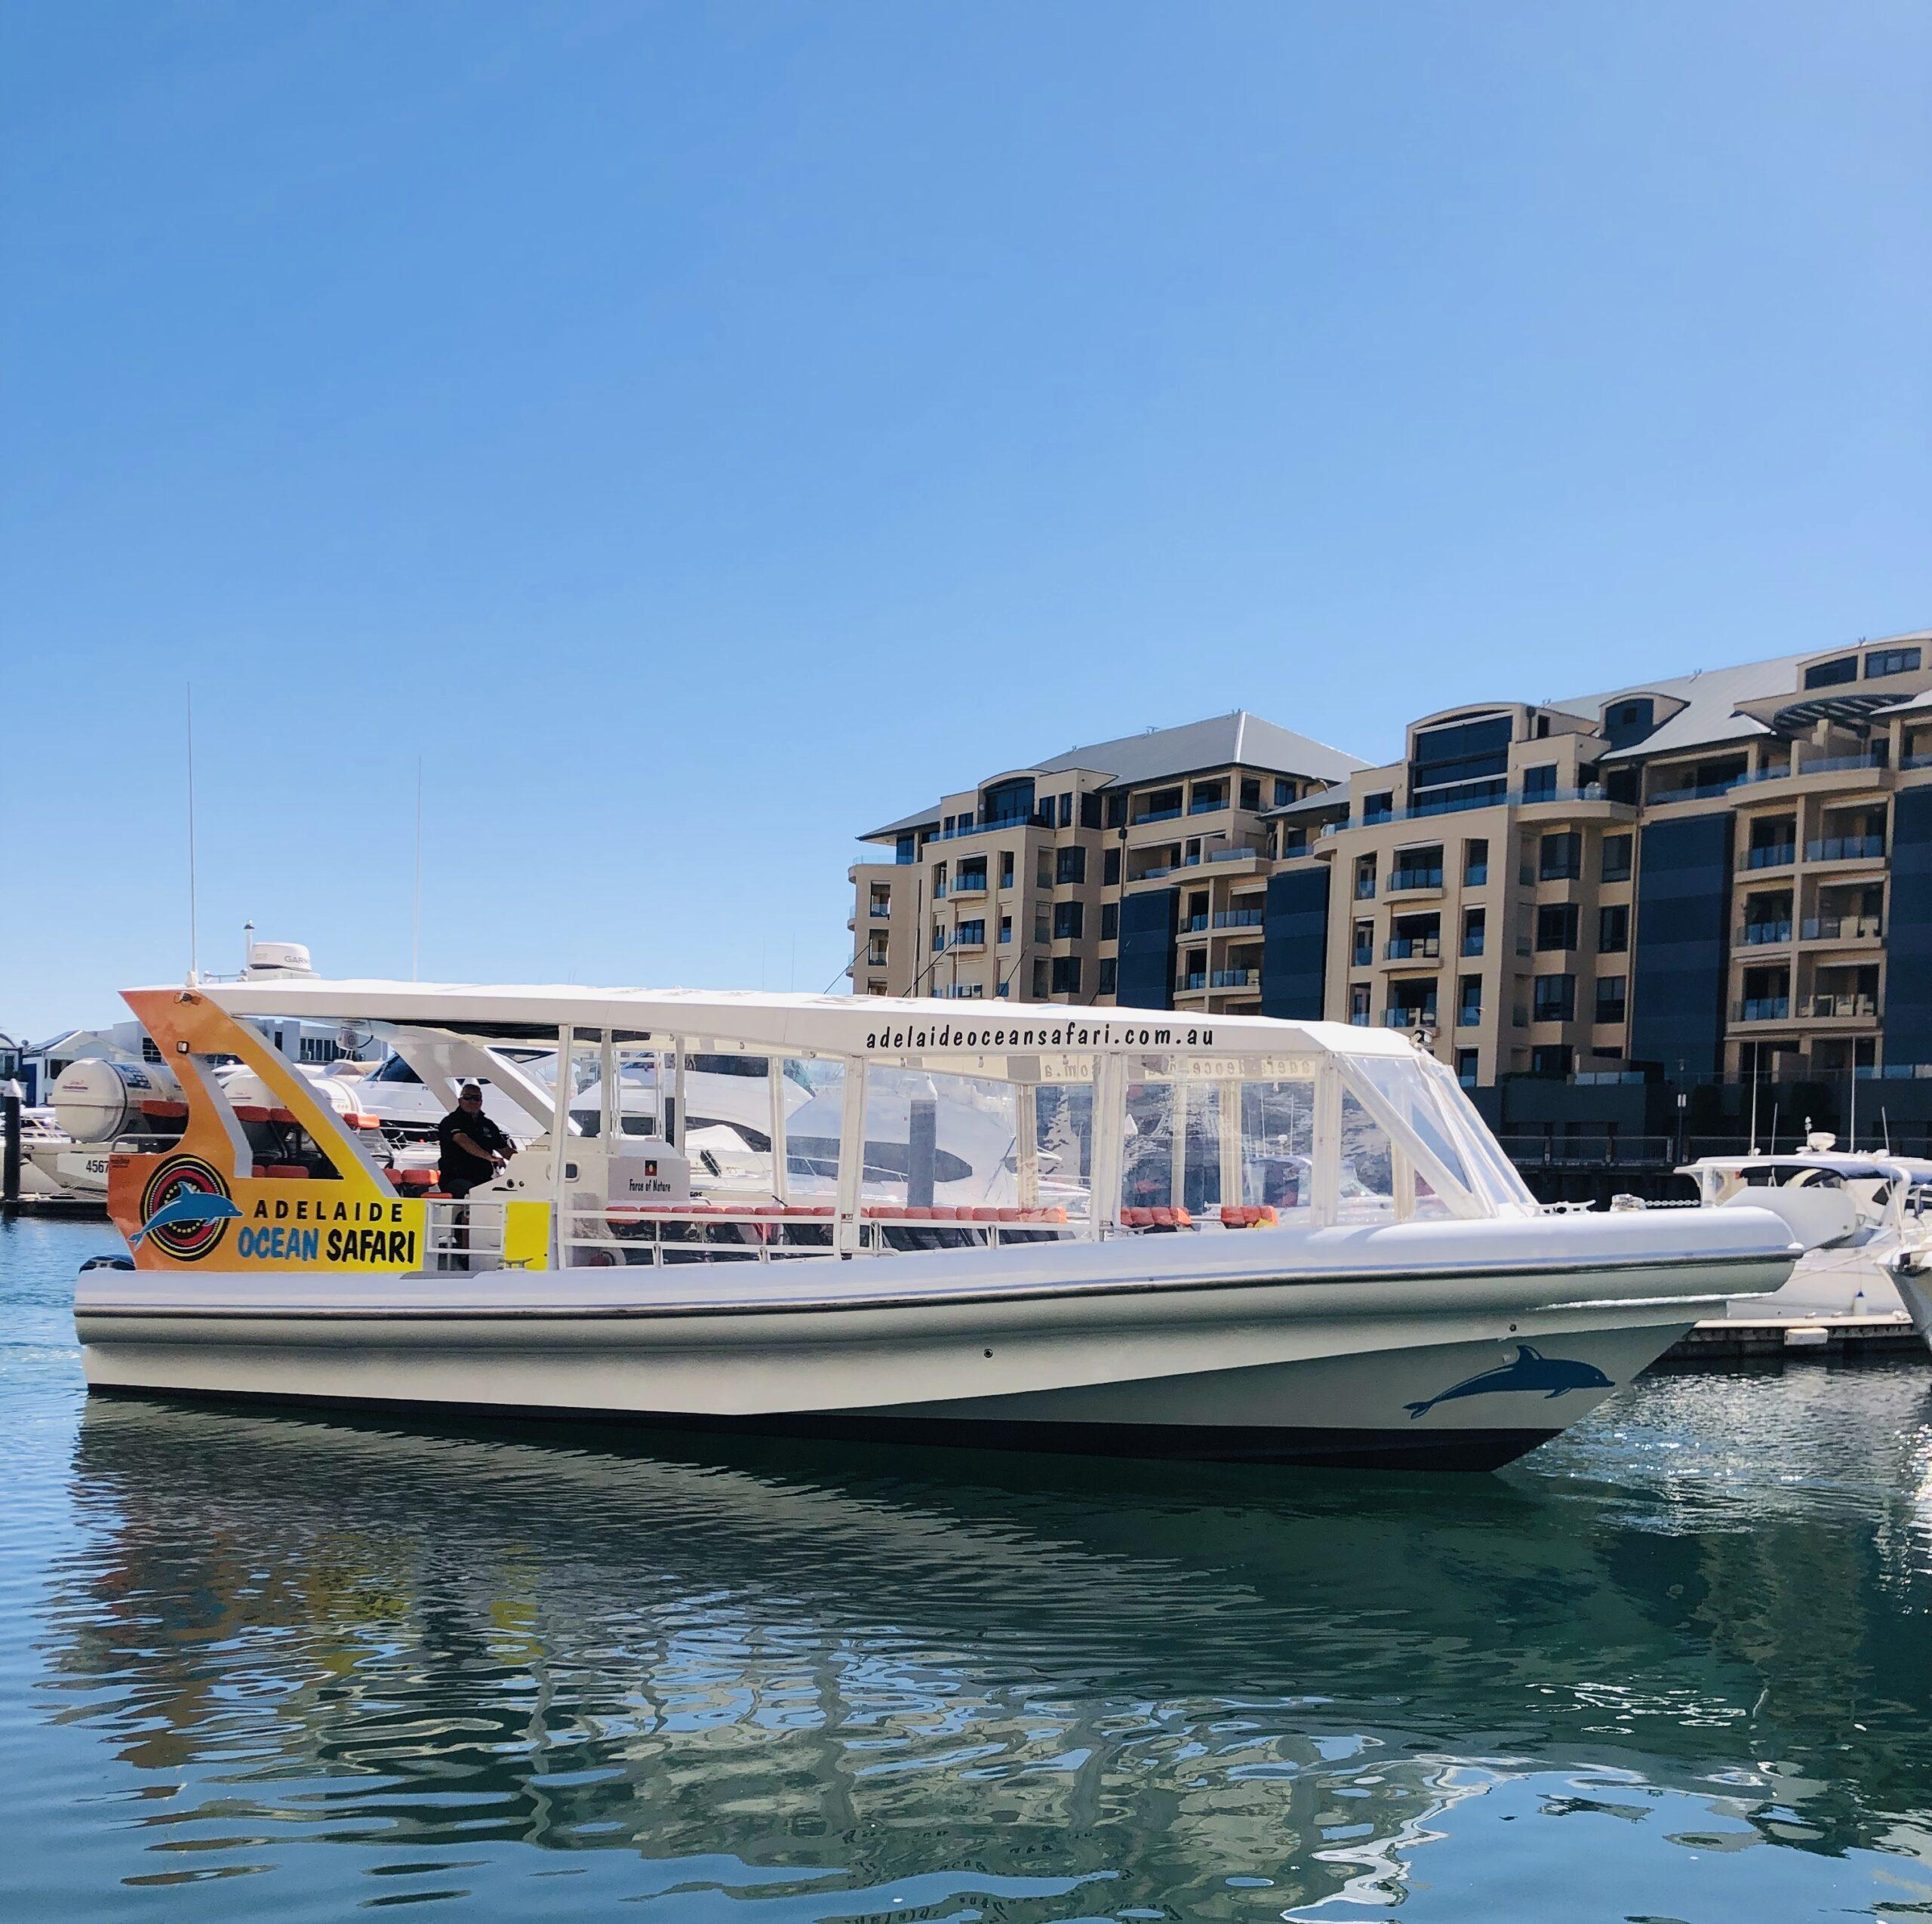 Adelaide Ocean Safari - Private Charter